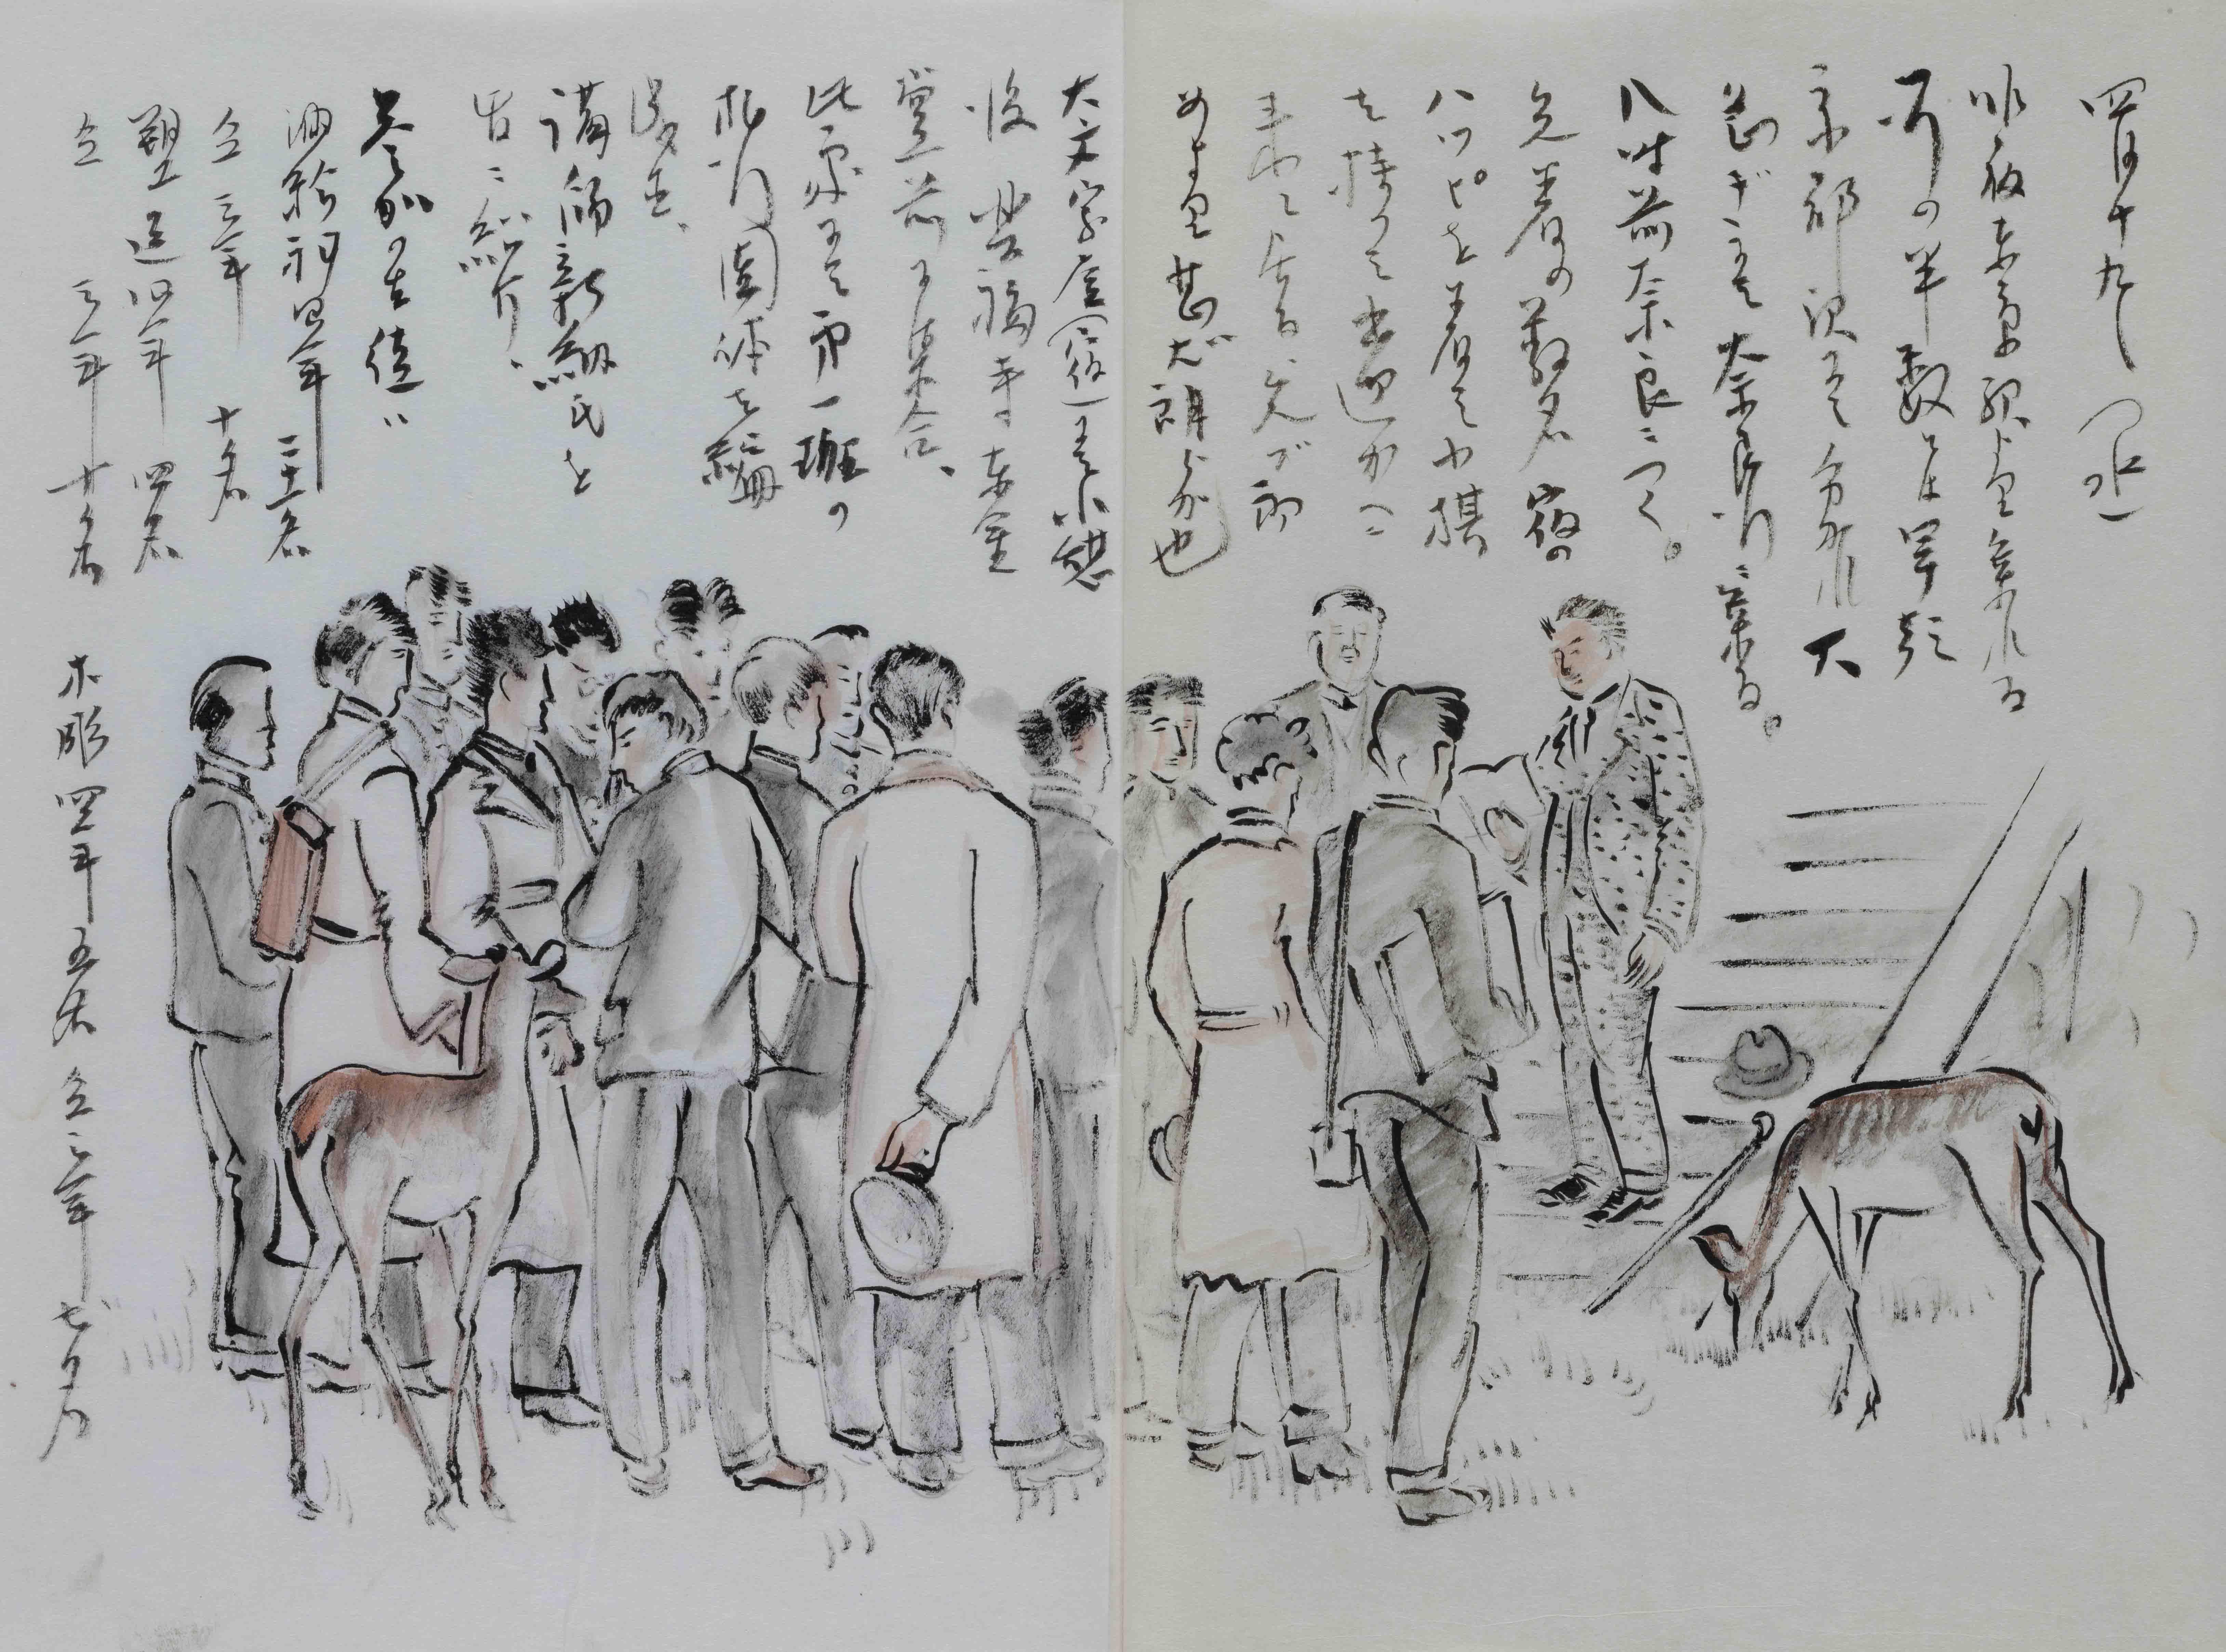 絵日記3 美校の奈良京都古美術実地見学旅行(南薫造引率) 1933年頃 個人蔵